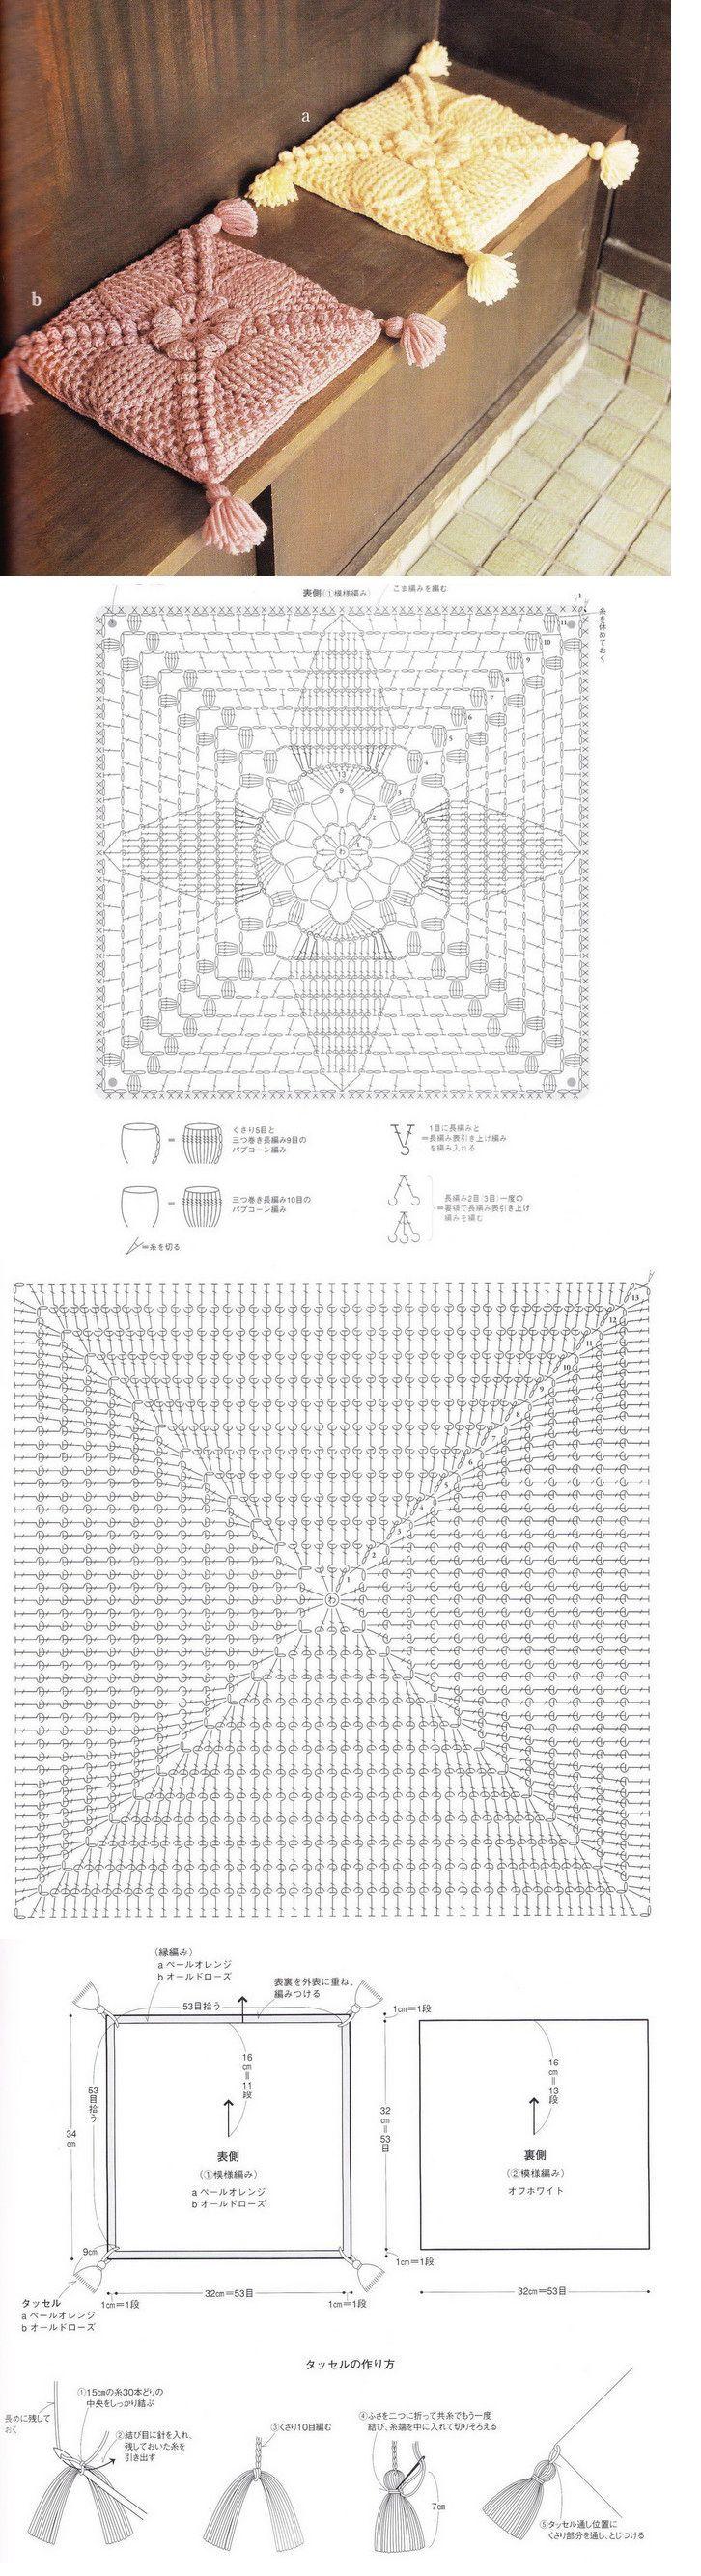 lovely crochet pillow!: